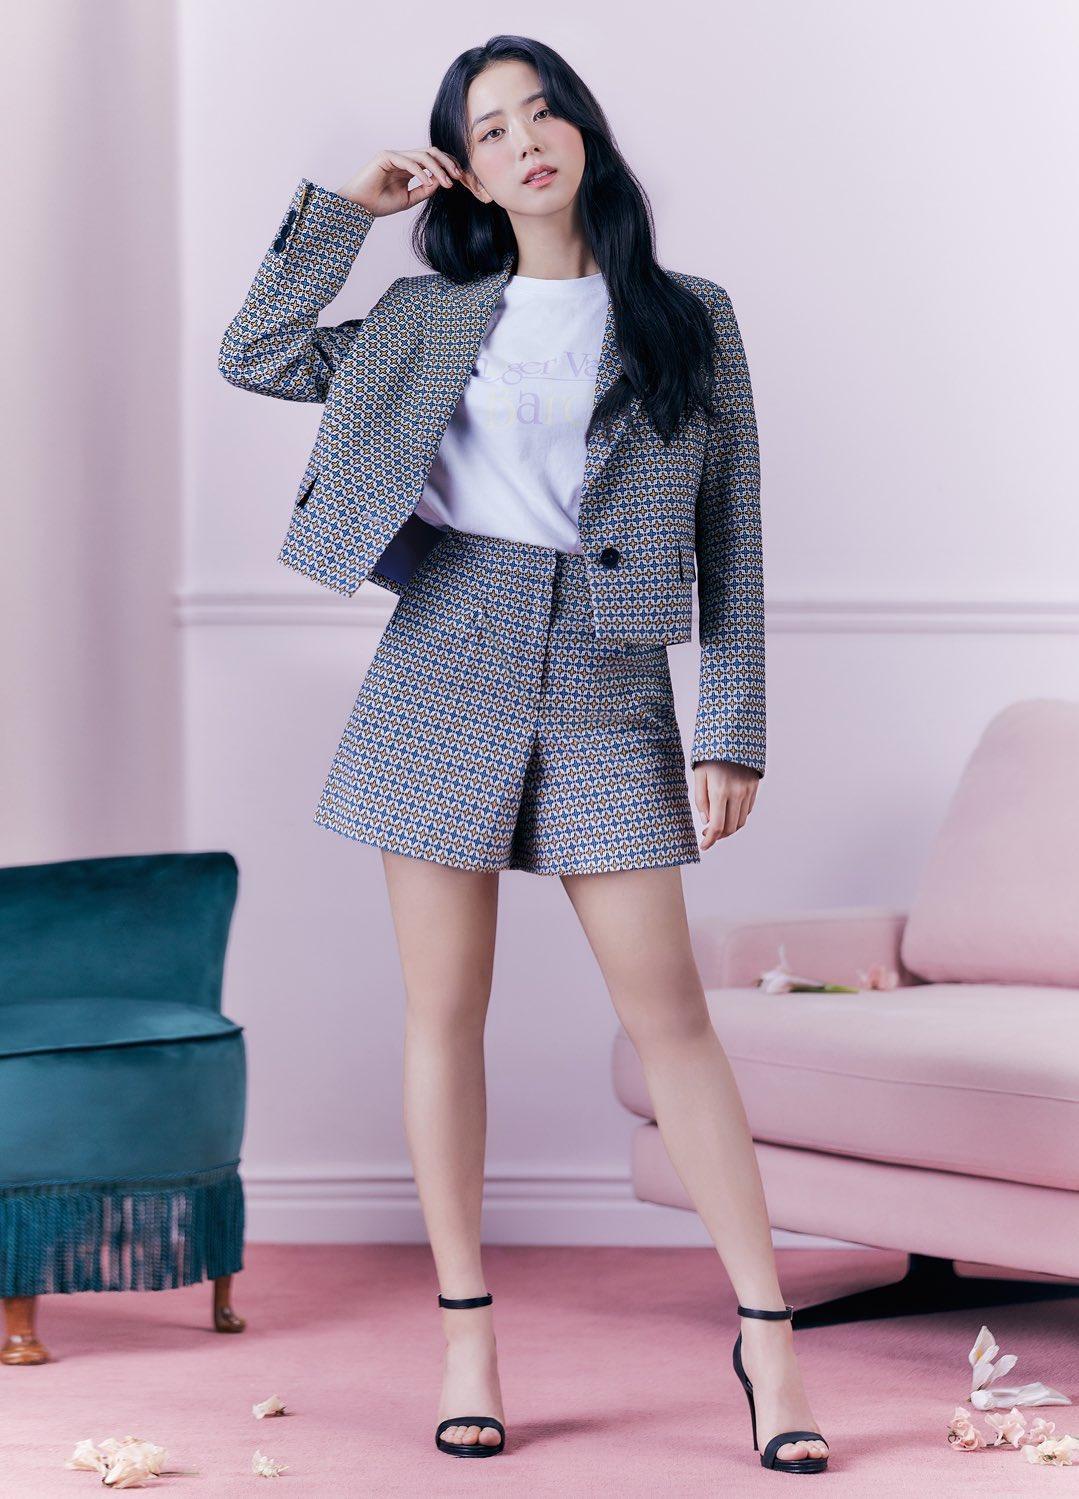 """""""Nữ thần mùa Xuân"""" gọi tên Jisoo: Hay bị chê nhạt nhất nhóm nhưng giờ làm mẫu thời trang sang như tiểu thư tài phiệt - Ảnh 5."""